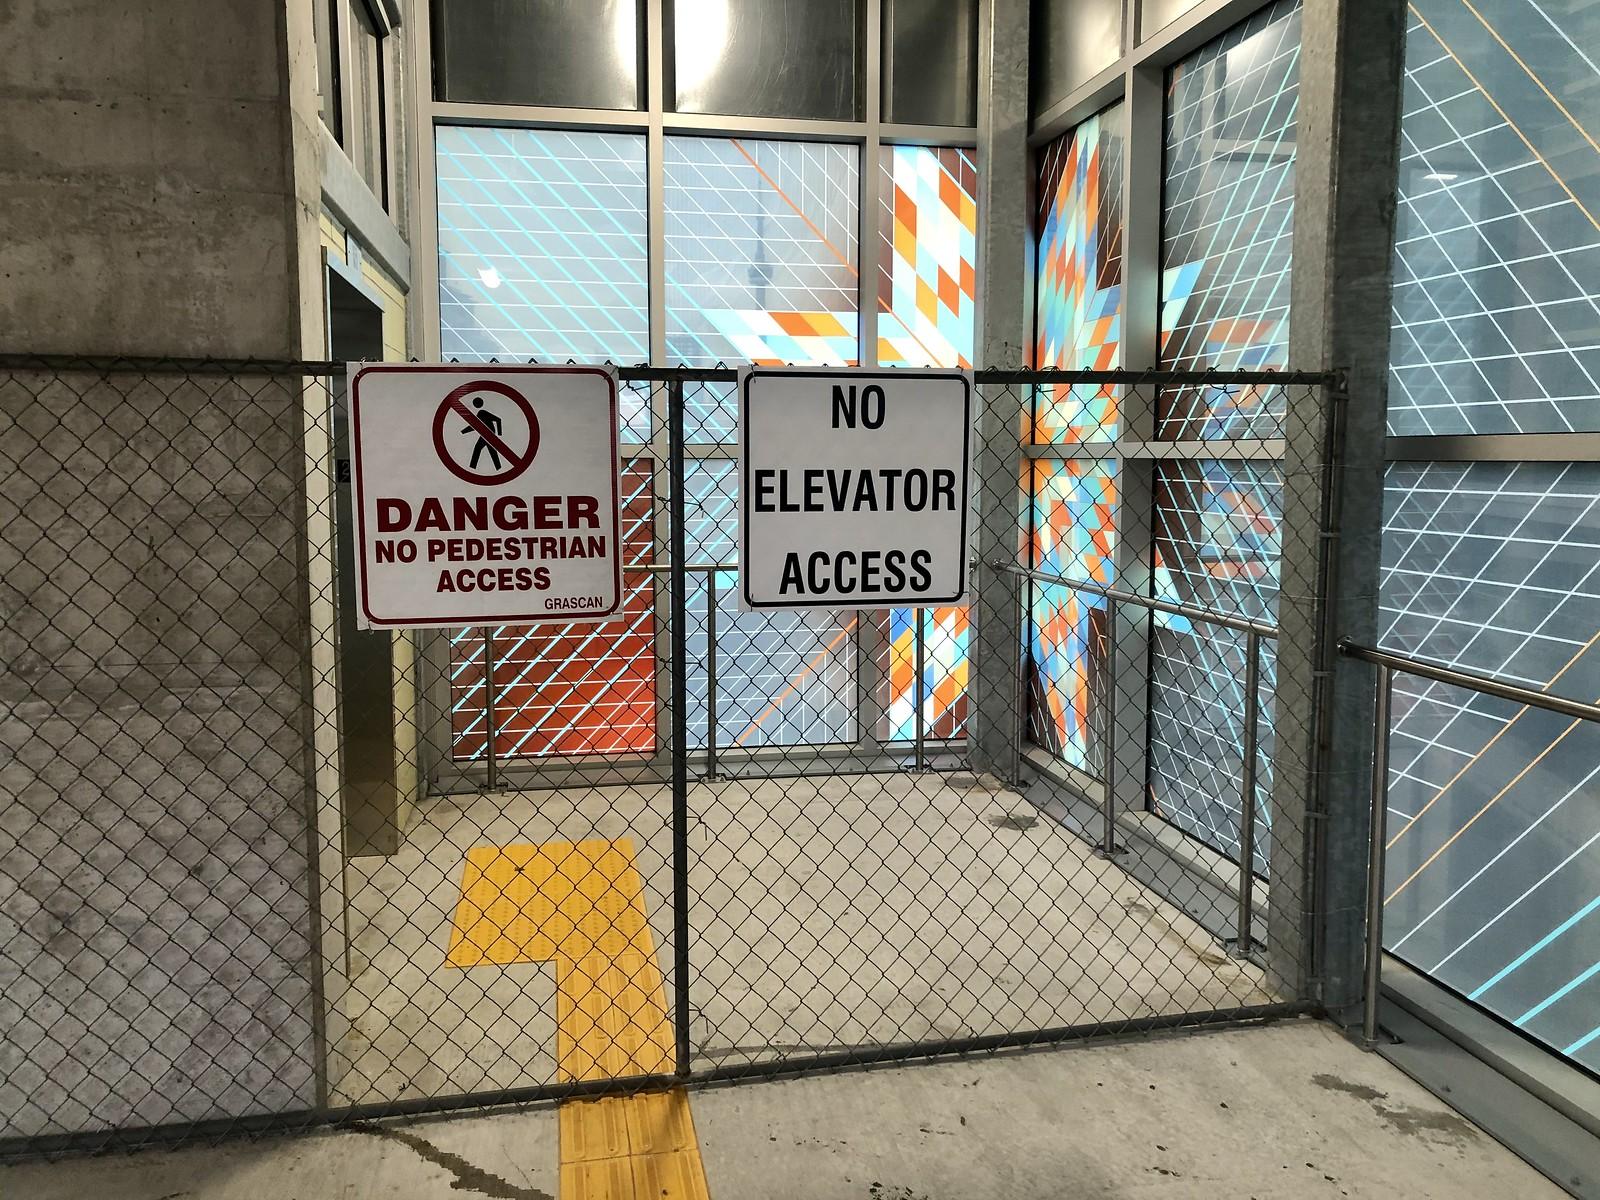 No Elevator Access